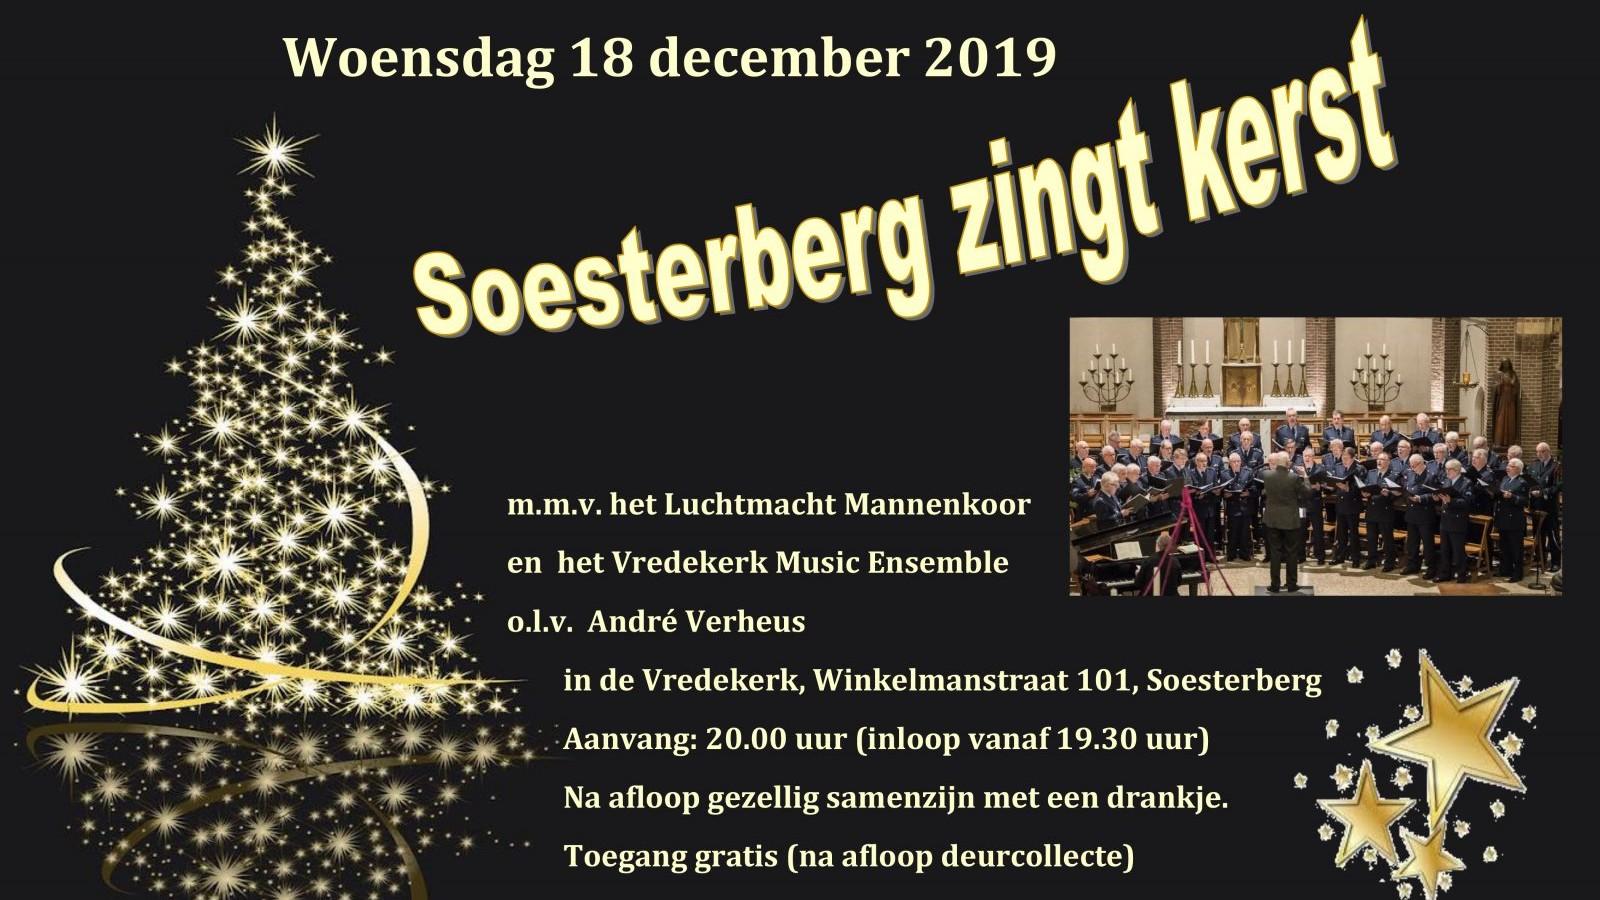 poster soesterberg zingt kerst 2019